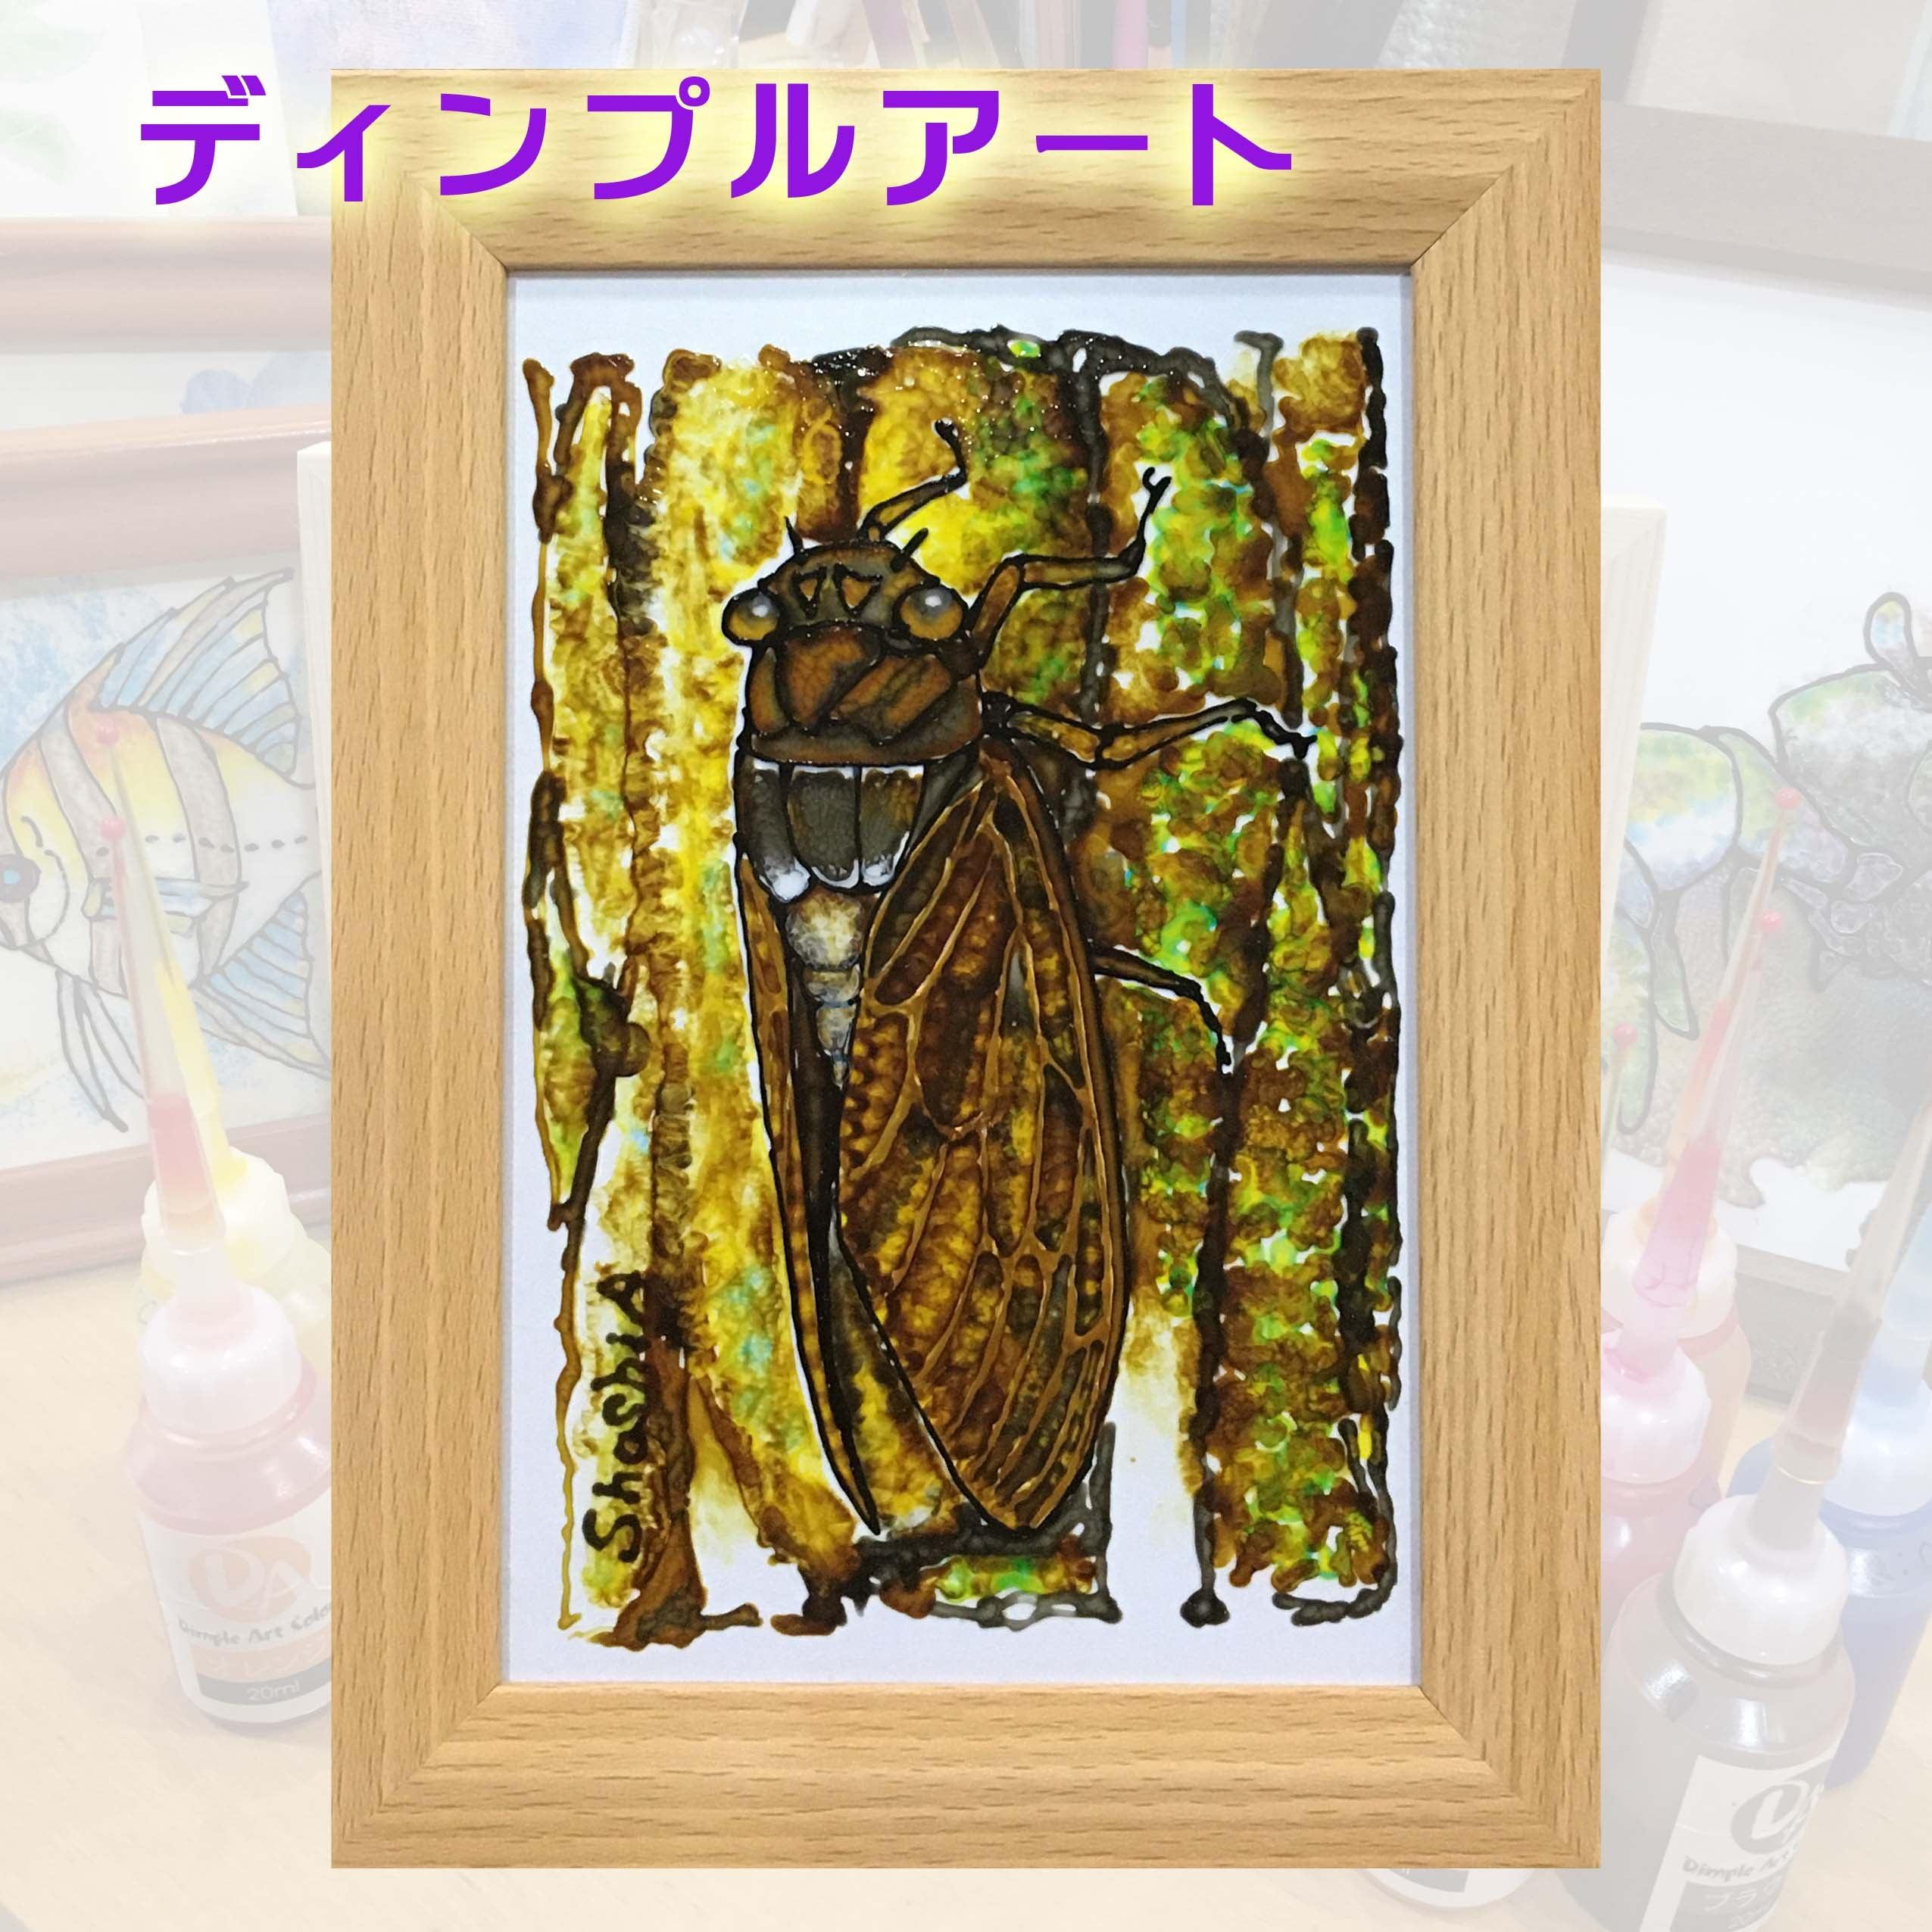 オリジナル【ディンプルアート】Mのイメージその2